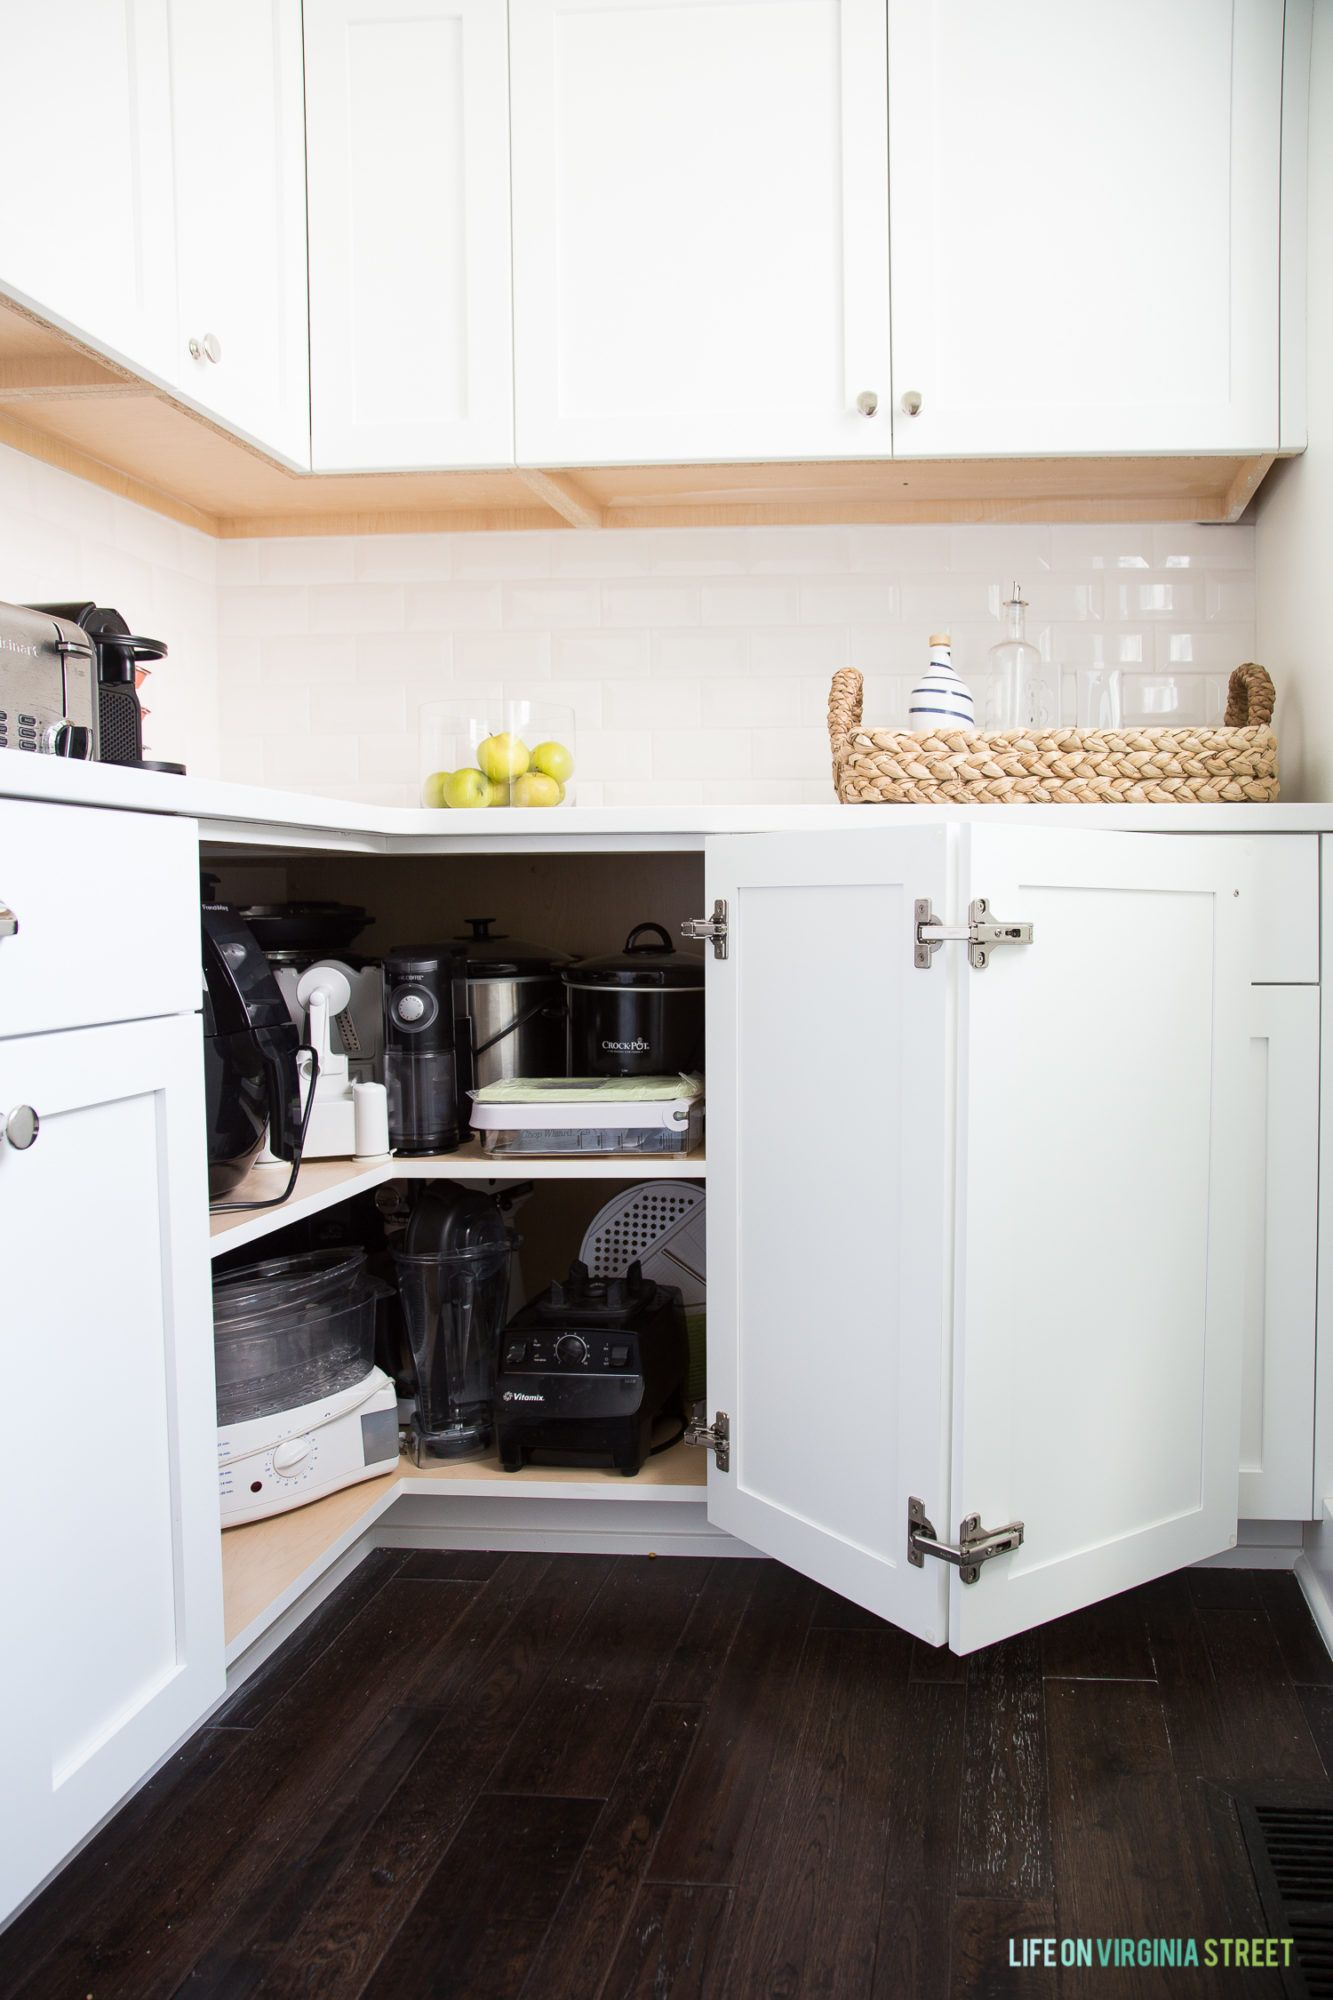 Küchendesign u-typ coastal kitchen remodel faqs  home  the kitchen  pinterest